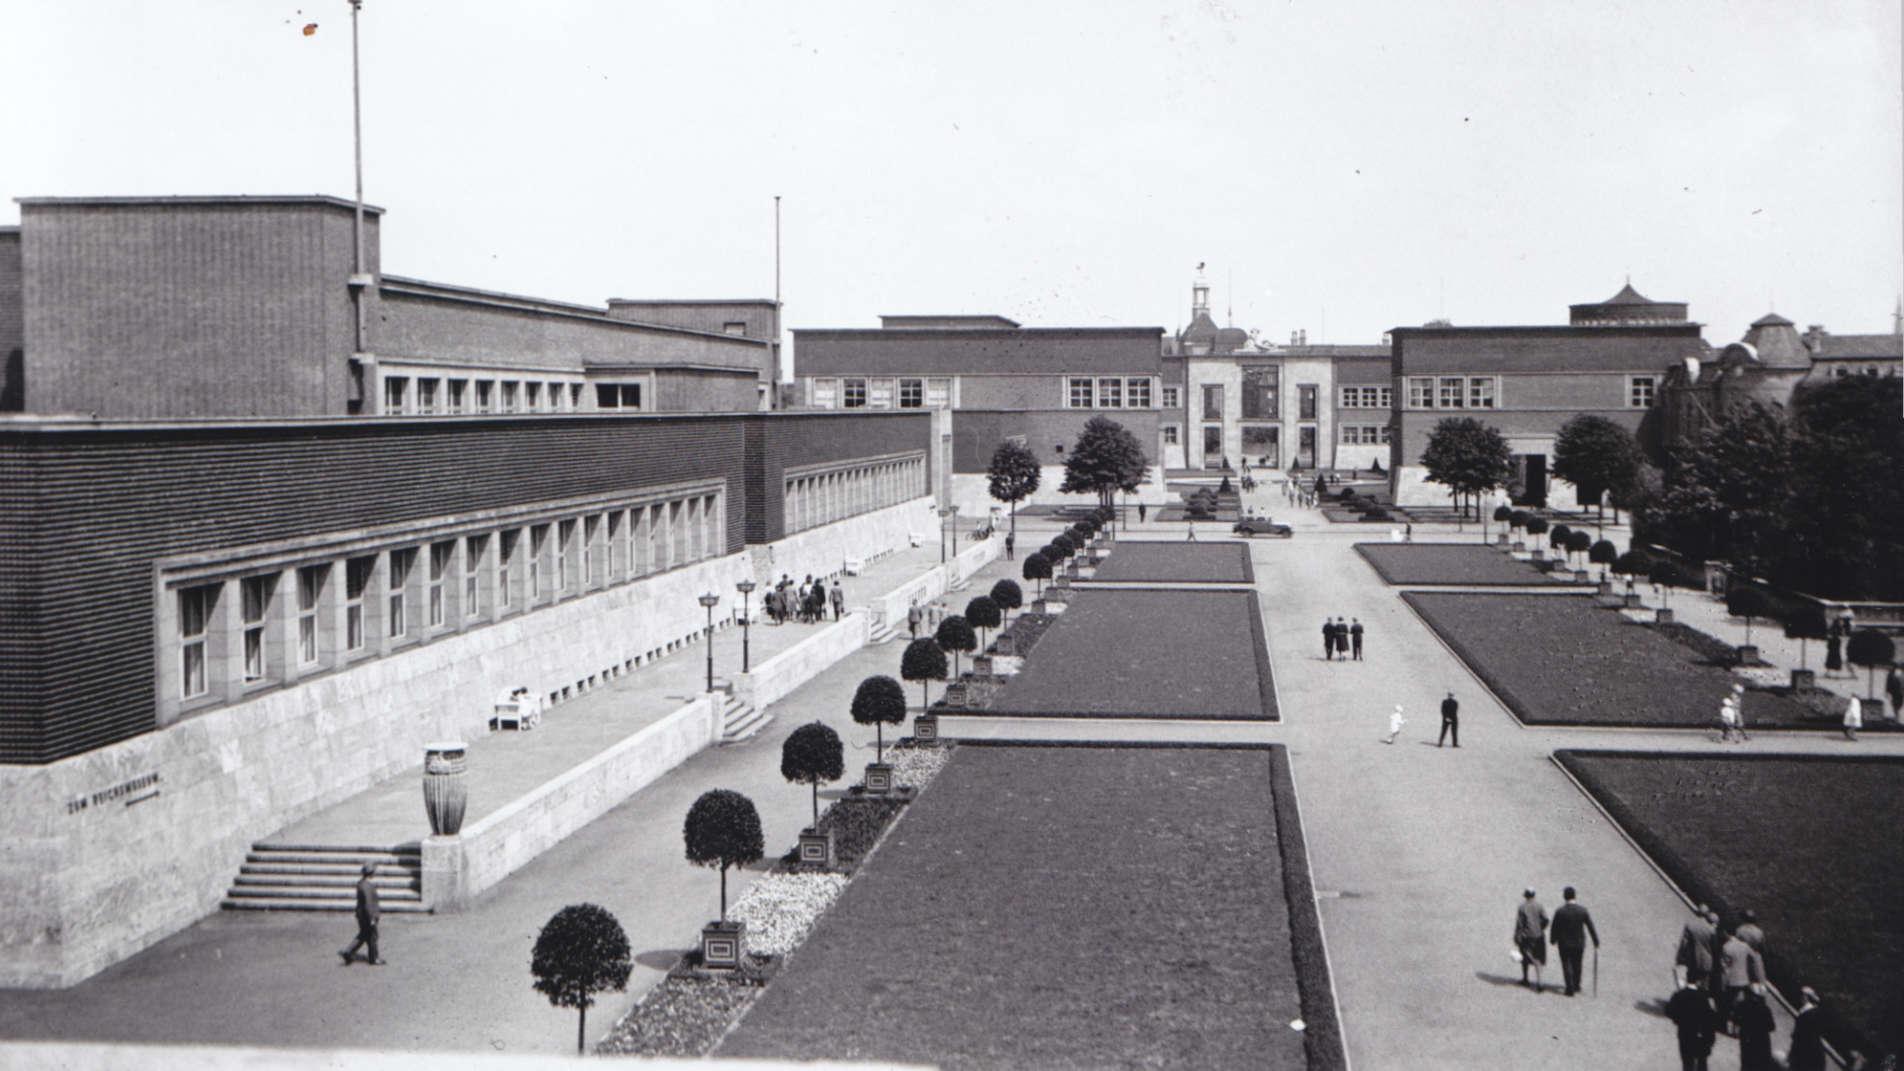 Ehrenhofensemble mit dem heutigen NRW Forum auf der linken Seite und dem Kunstpalast im Hintergrund im Jahr 1926